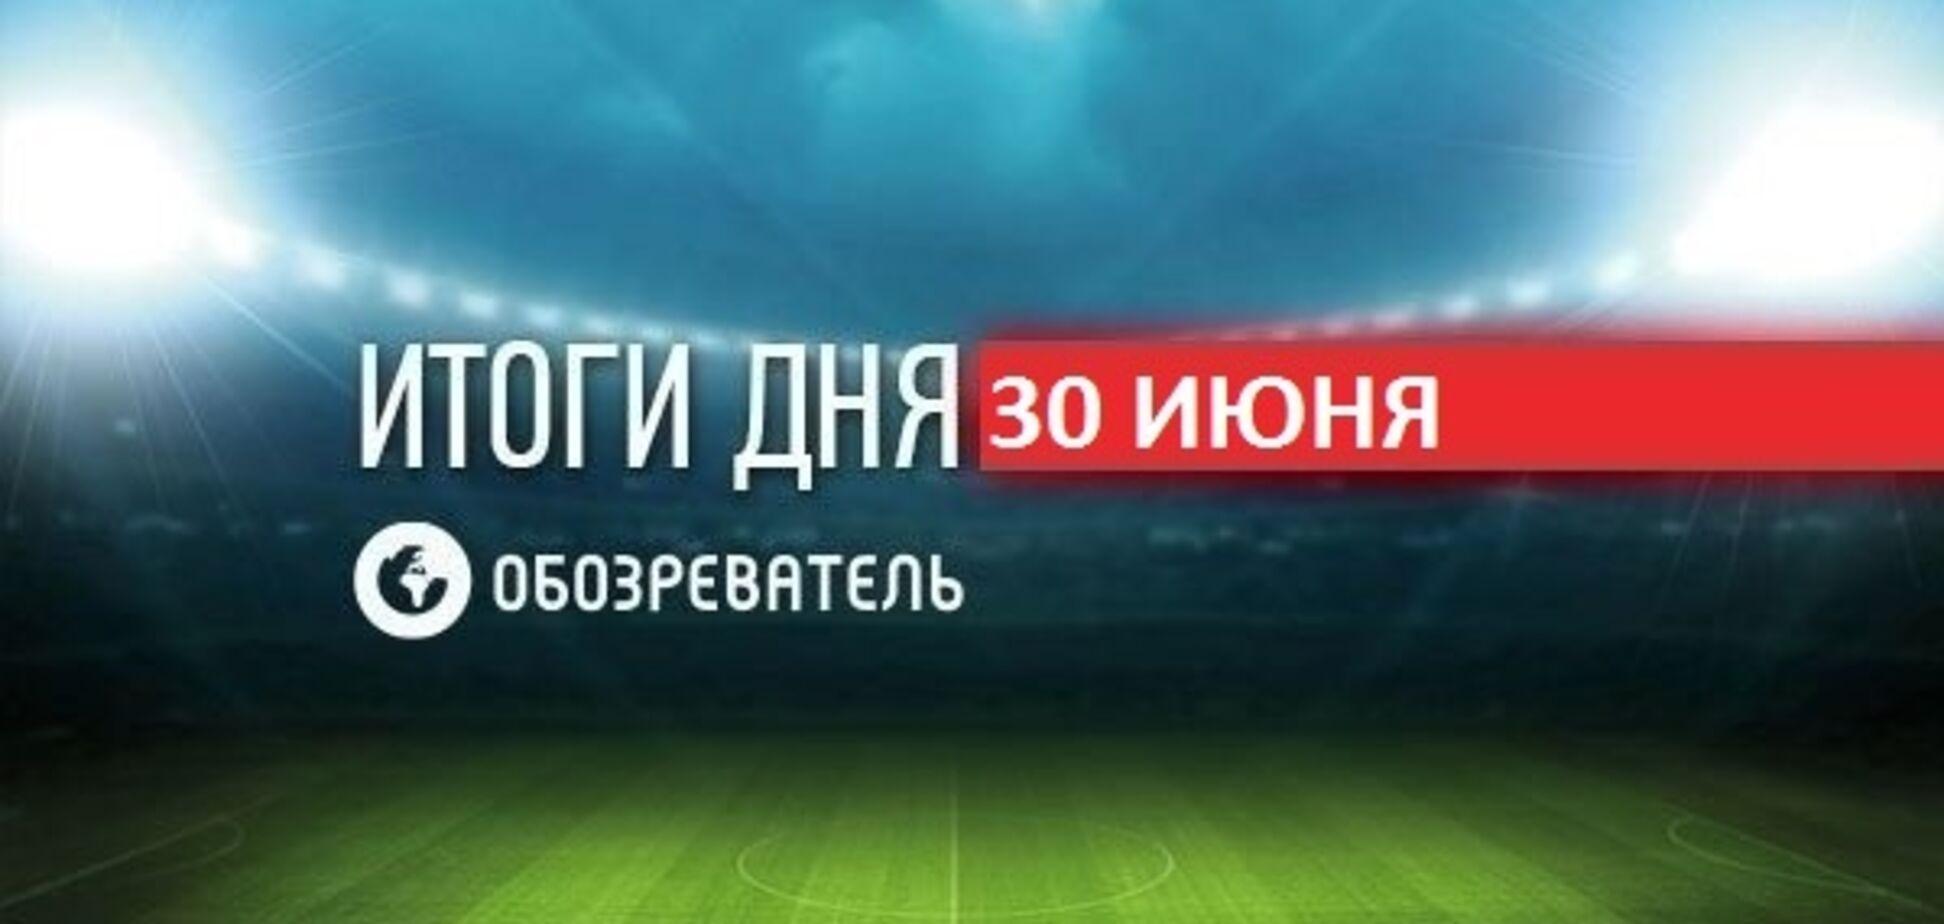 Кличко зробив офіційну заяву про кар'єру: спортивні підсумки 30 червня